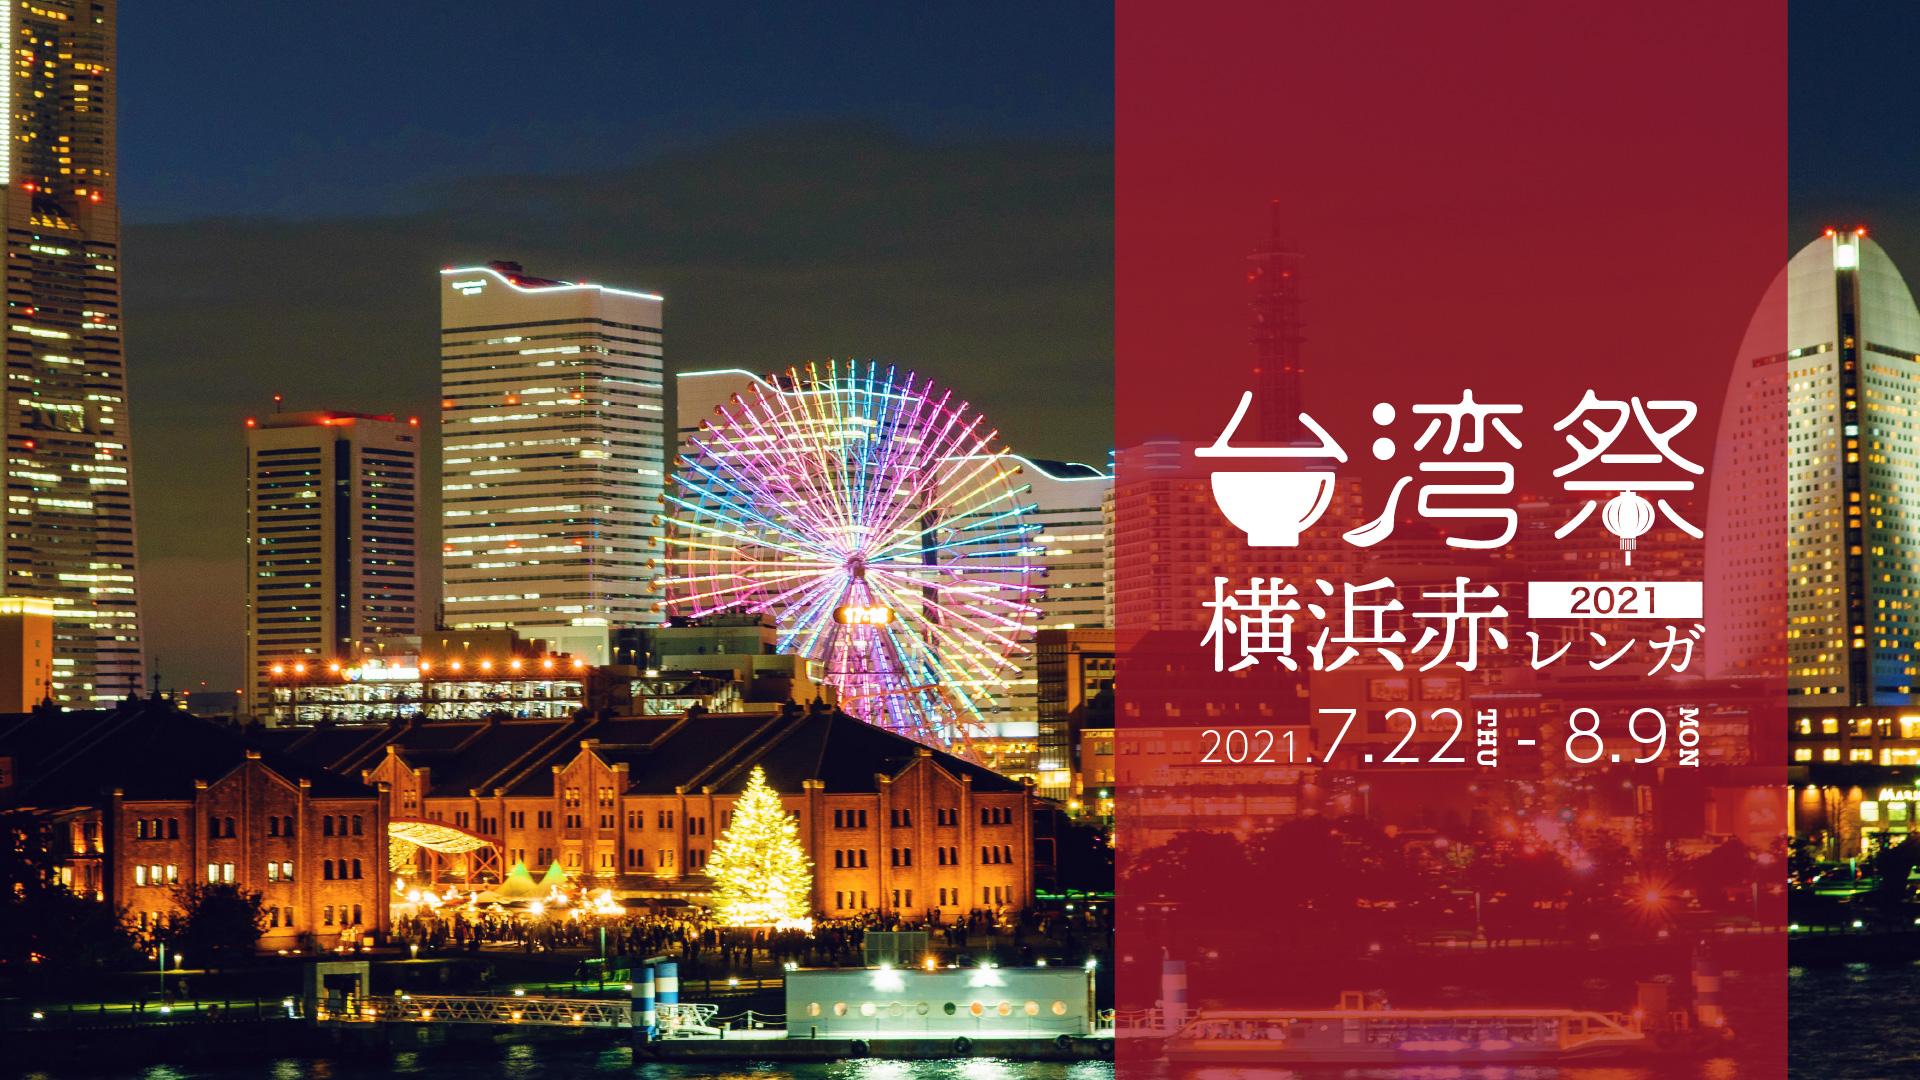 台湾祭@東京タワーに出演の先生のスケジュール